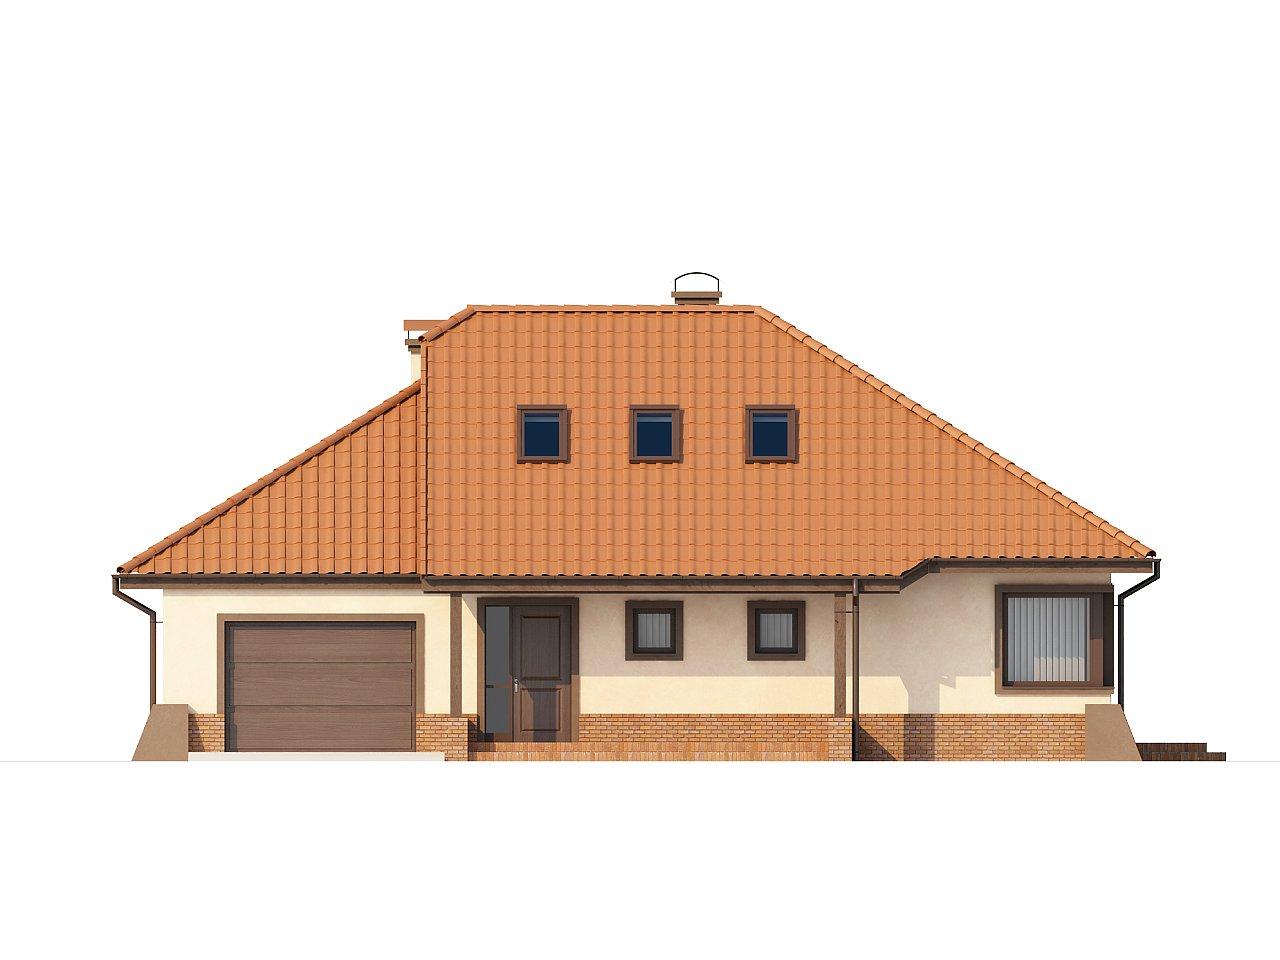 Просторный дом с гаражом, большим хозяйственным помещением и угловой террасой. - фото 3